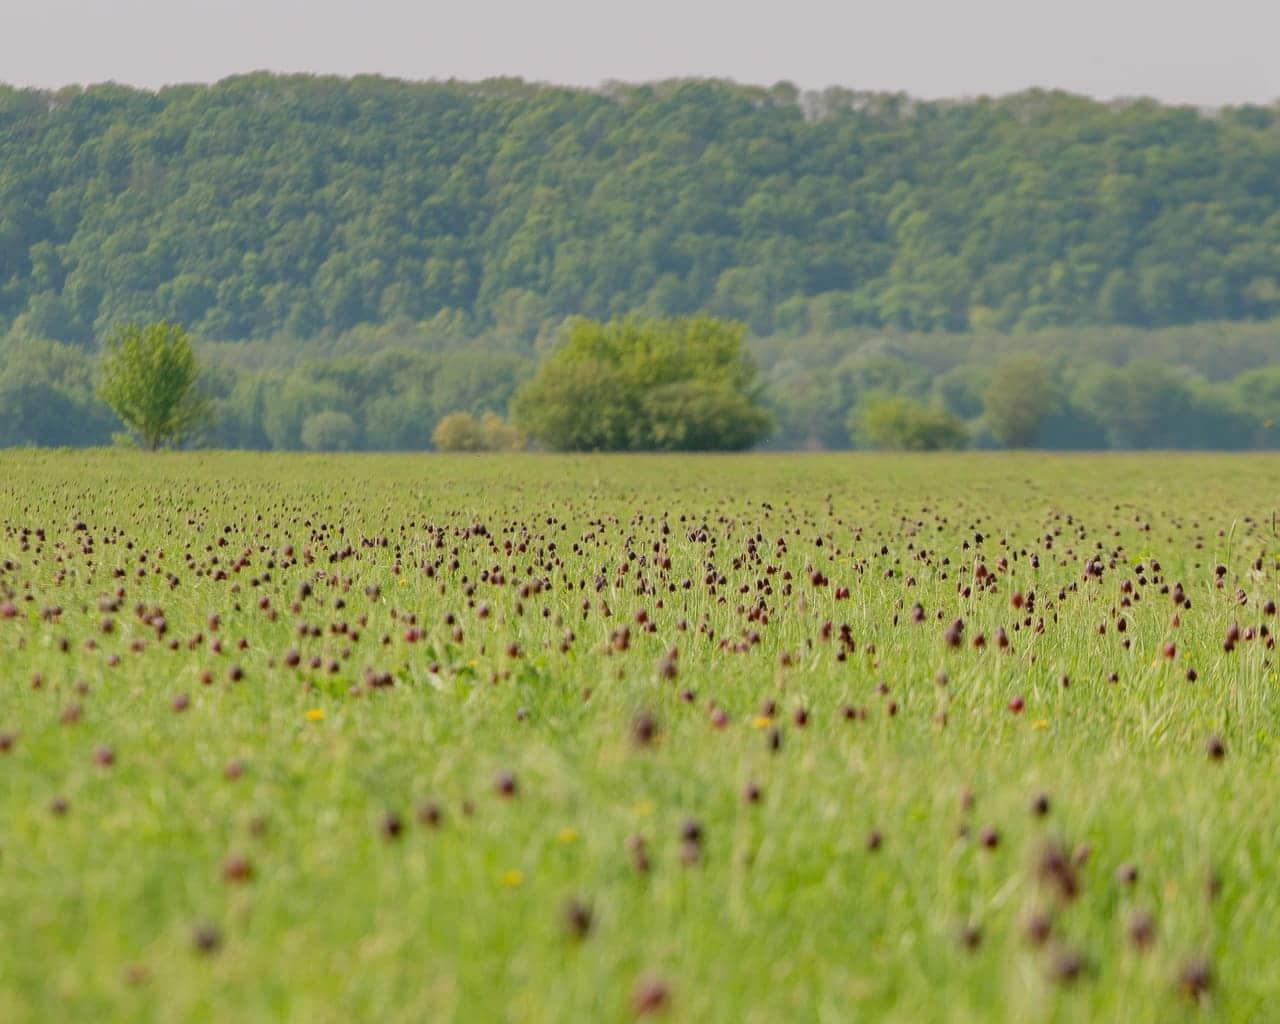 Schachbrettblumen Wiese, Fritellaria meleagris, Verwilderung in der Landschaft, Von Alexey Yudenkov Lizenzfreie Stockfotonummer: 1149539885